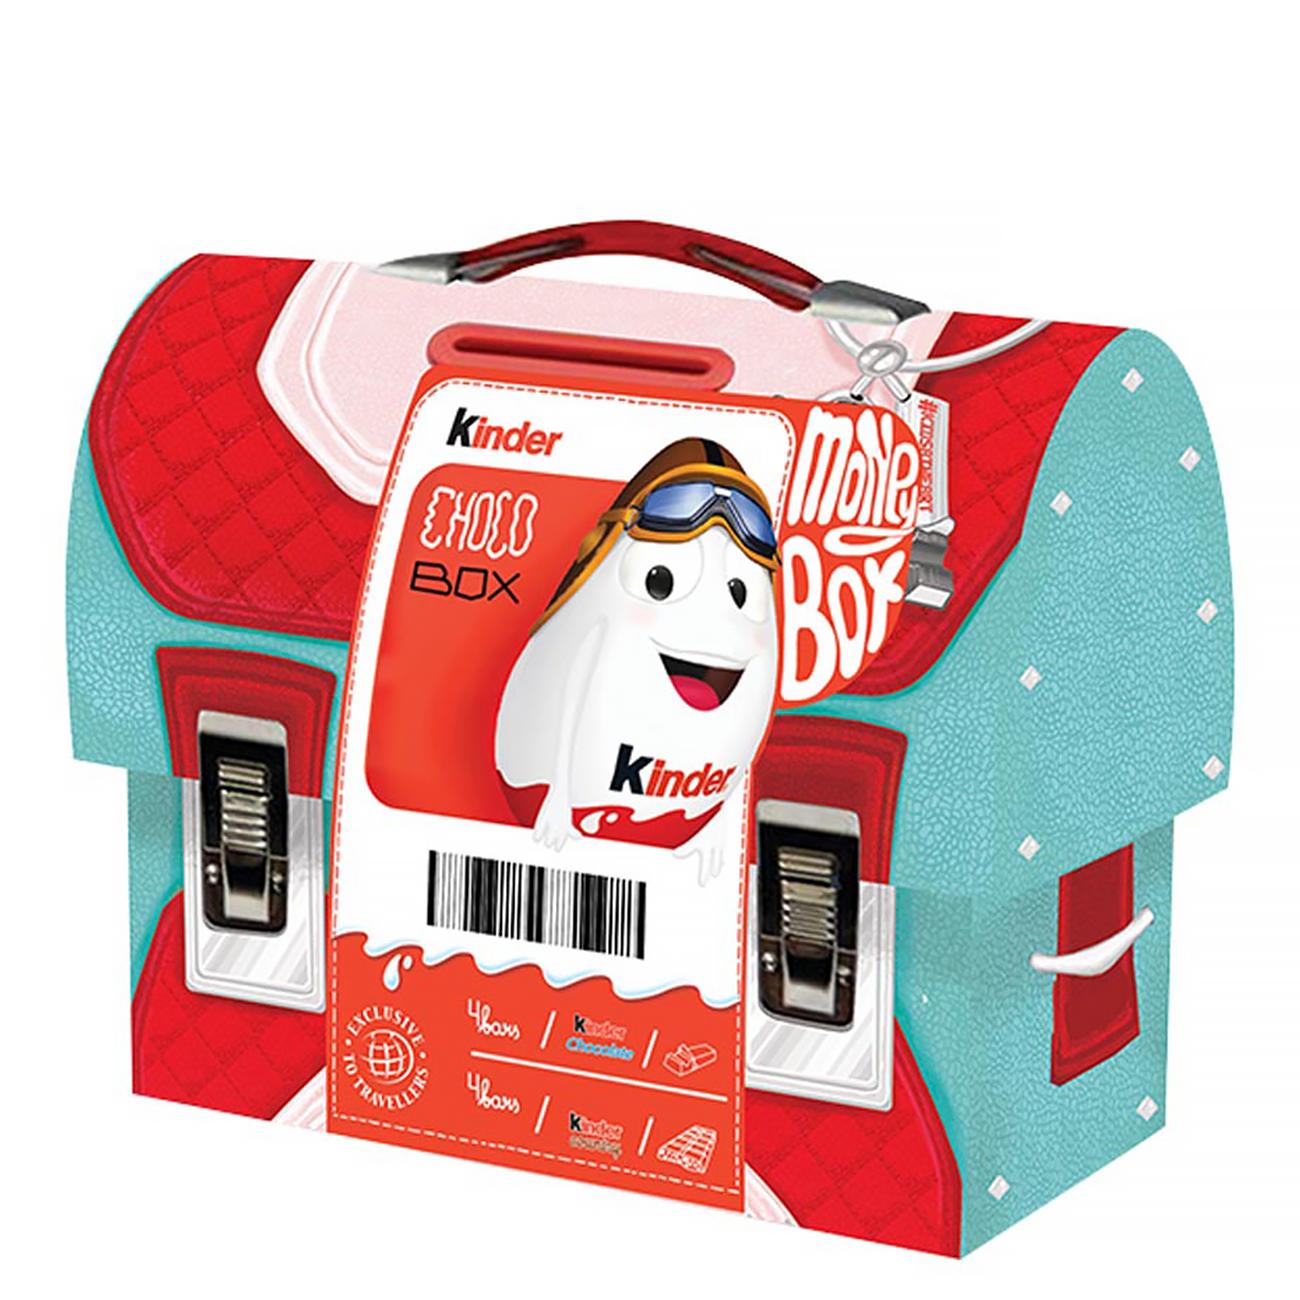 CHOCO BOX 144 G